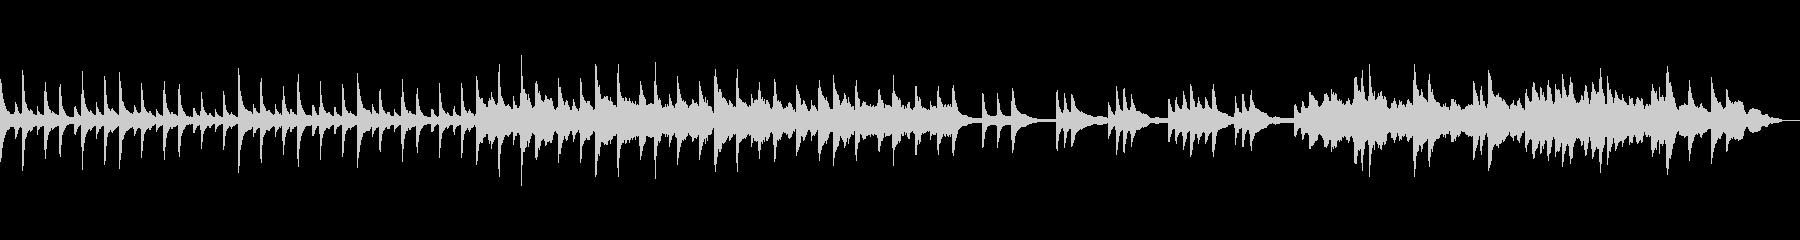 夜雪が降るイメージのピアノ曲の未再生の波形